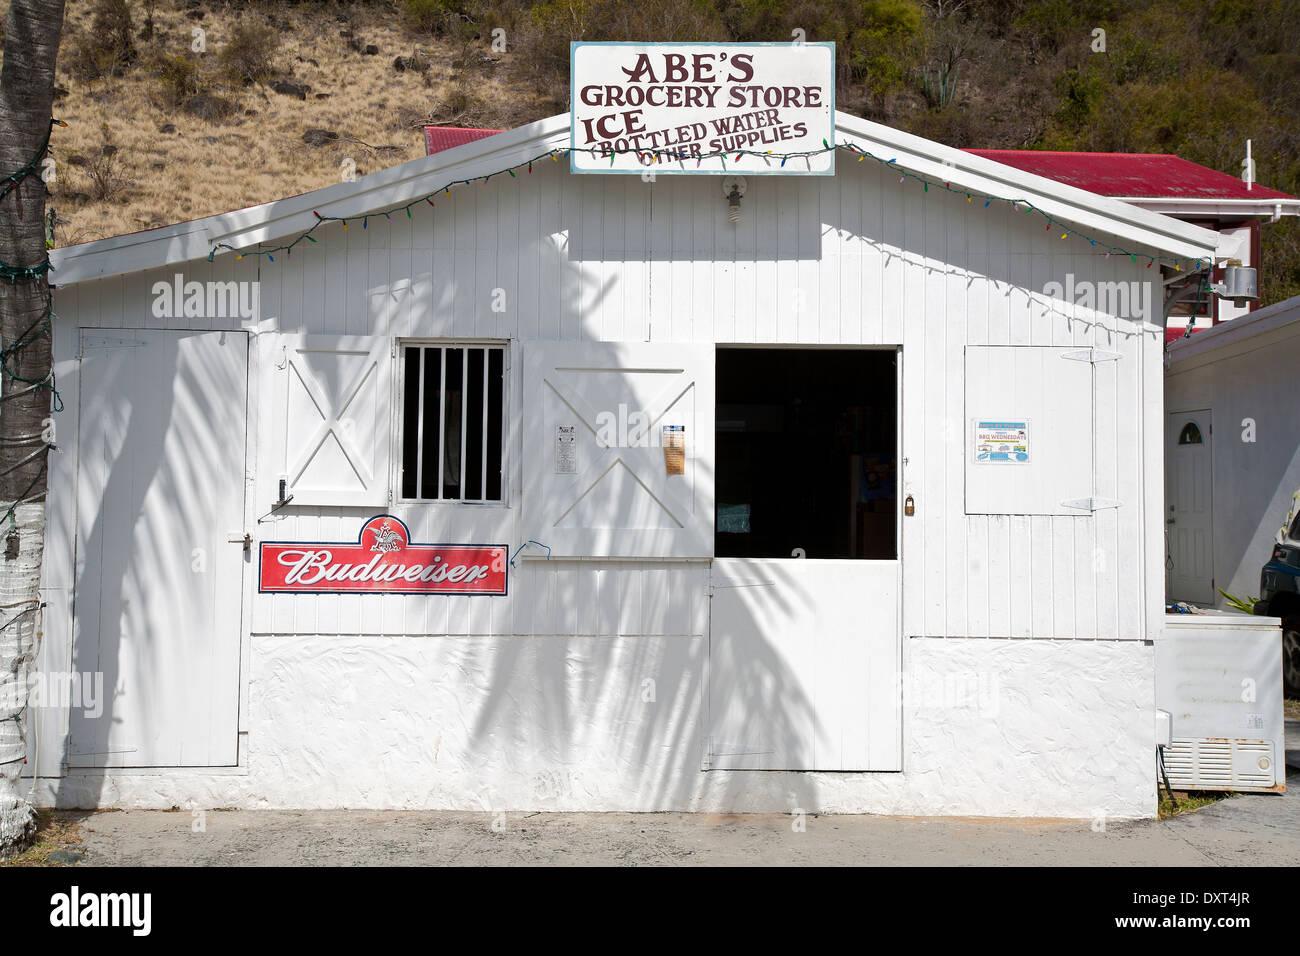 L'architecture des Caraïbes BVI palmier ombre store Jost Van Dyke Îles Vierges Britanniques Îles Vierges britanniques Banque D'Images